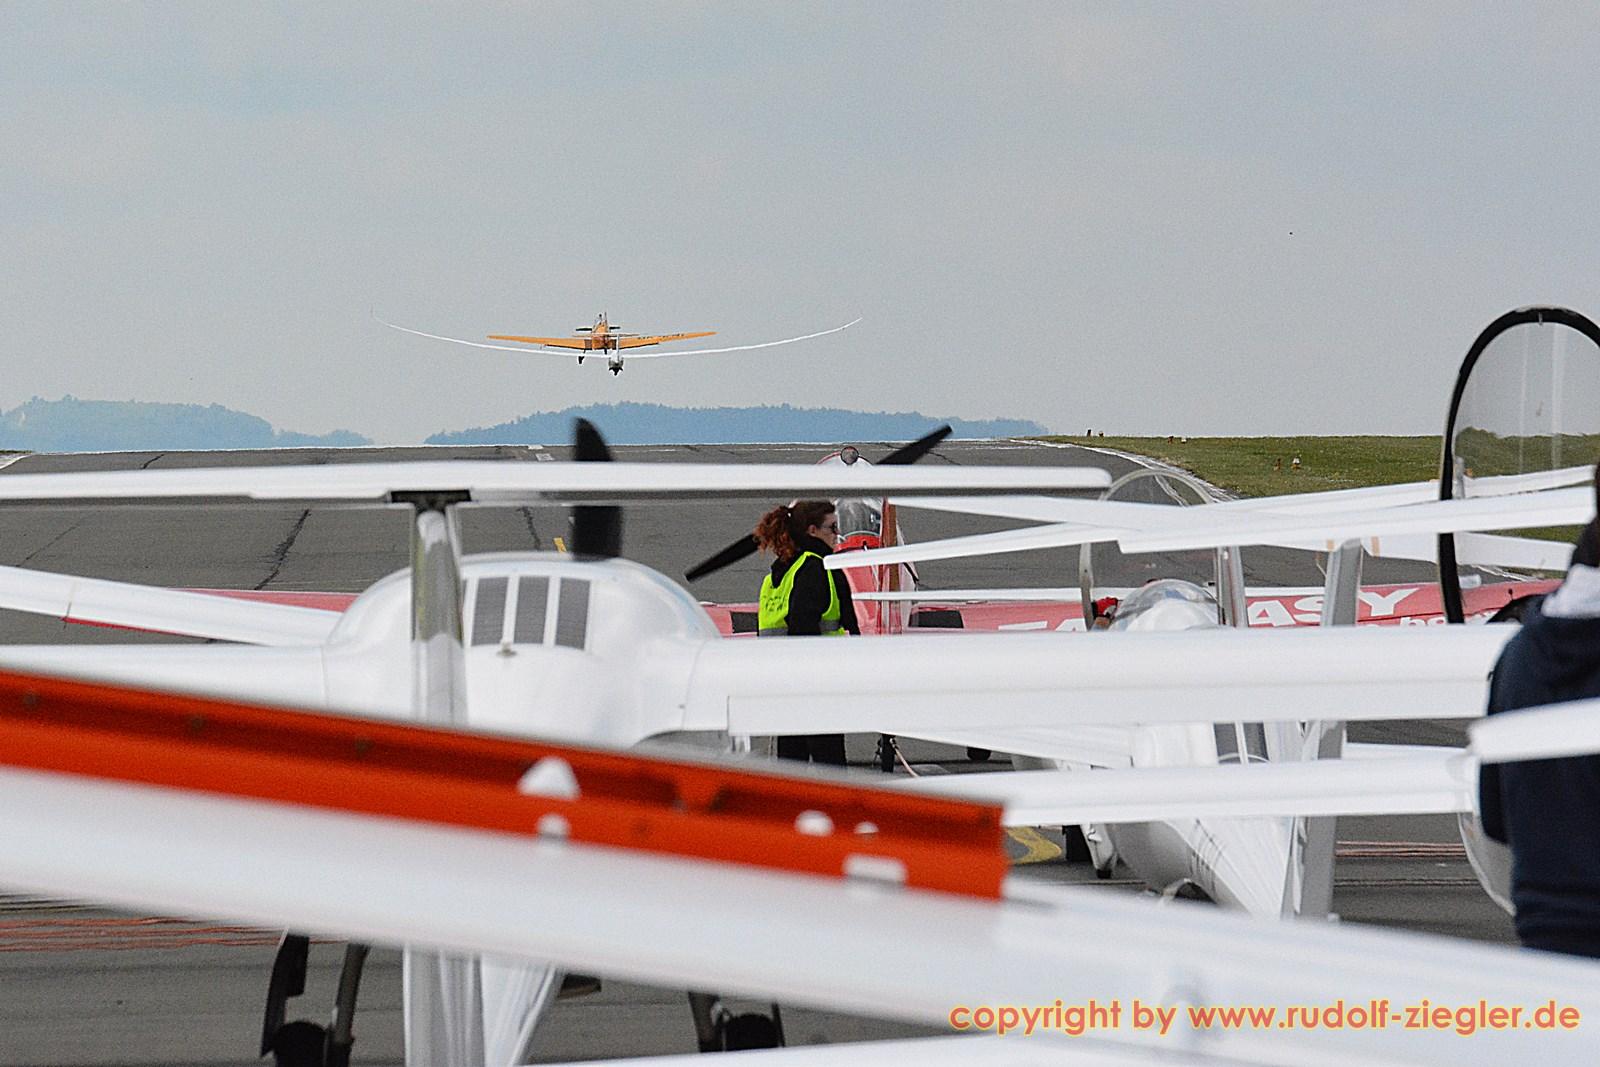 Bayerische Segelflugmeisterschaften - Flugplatz Bindlach 036-A-S (1600x1200)